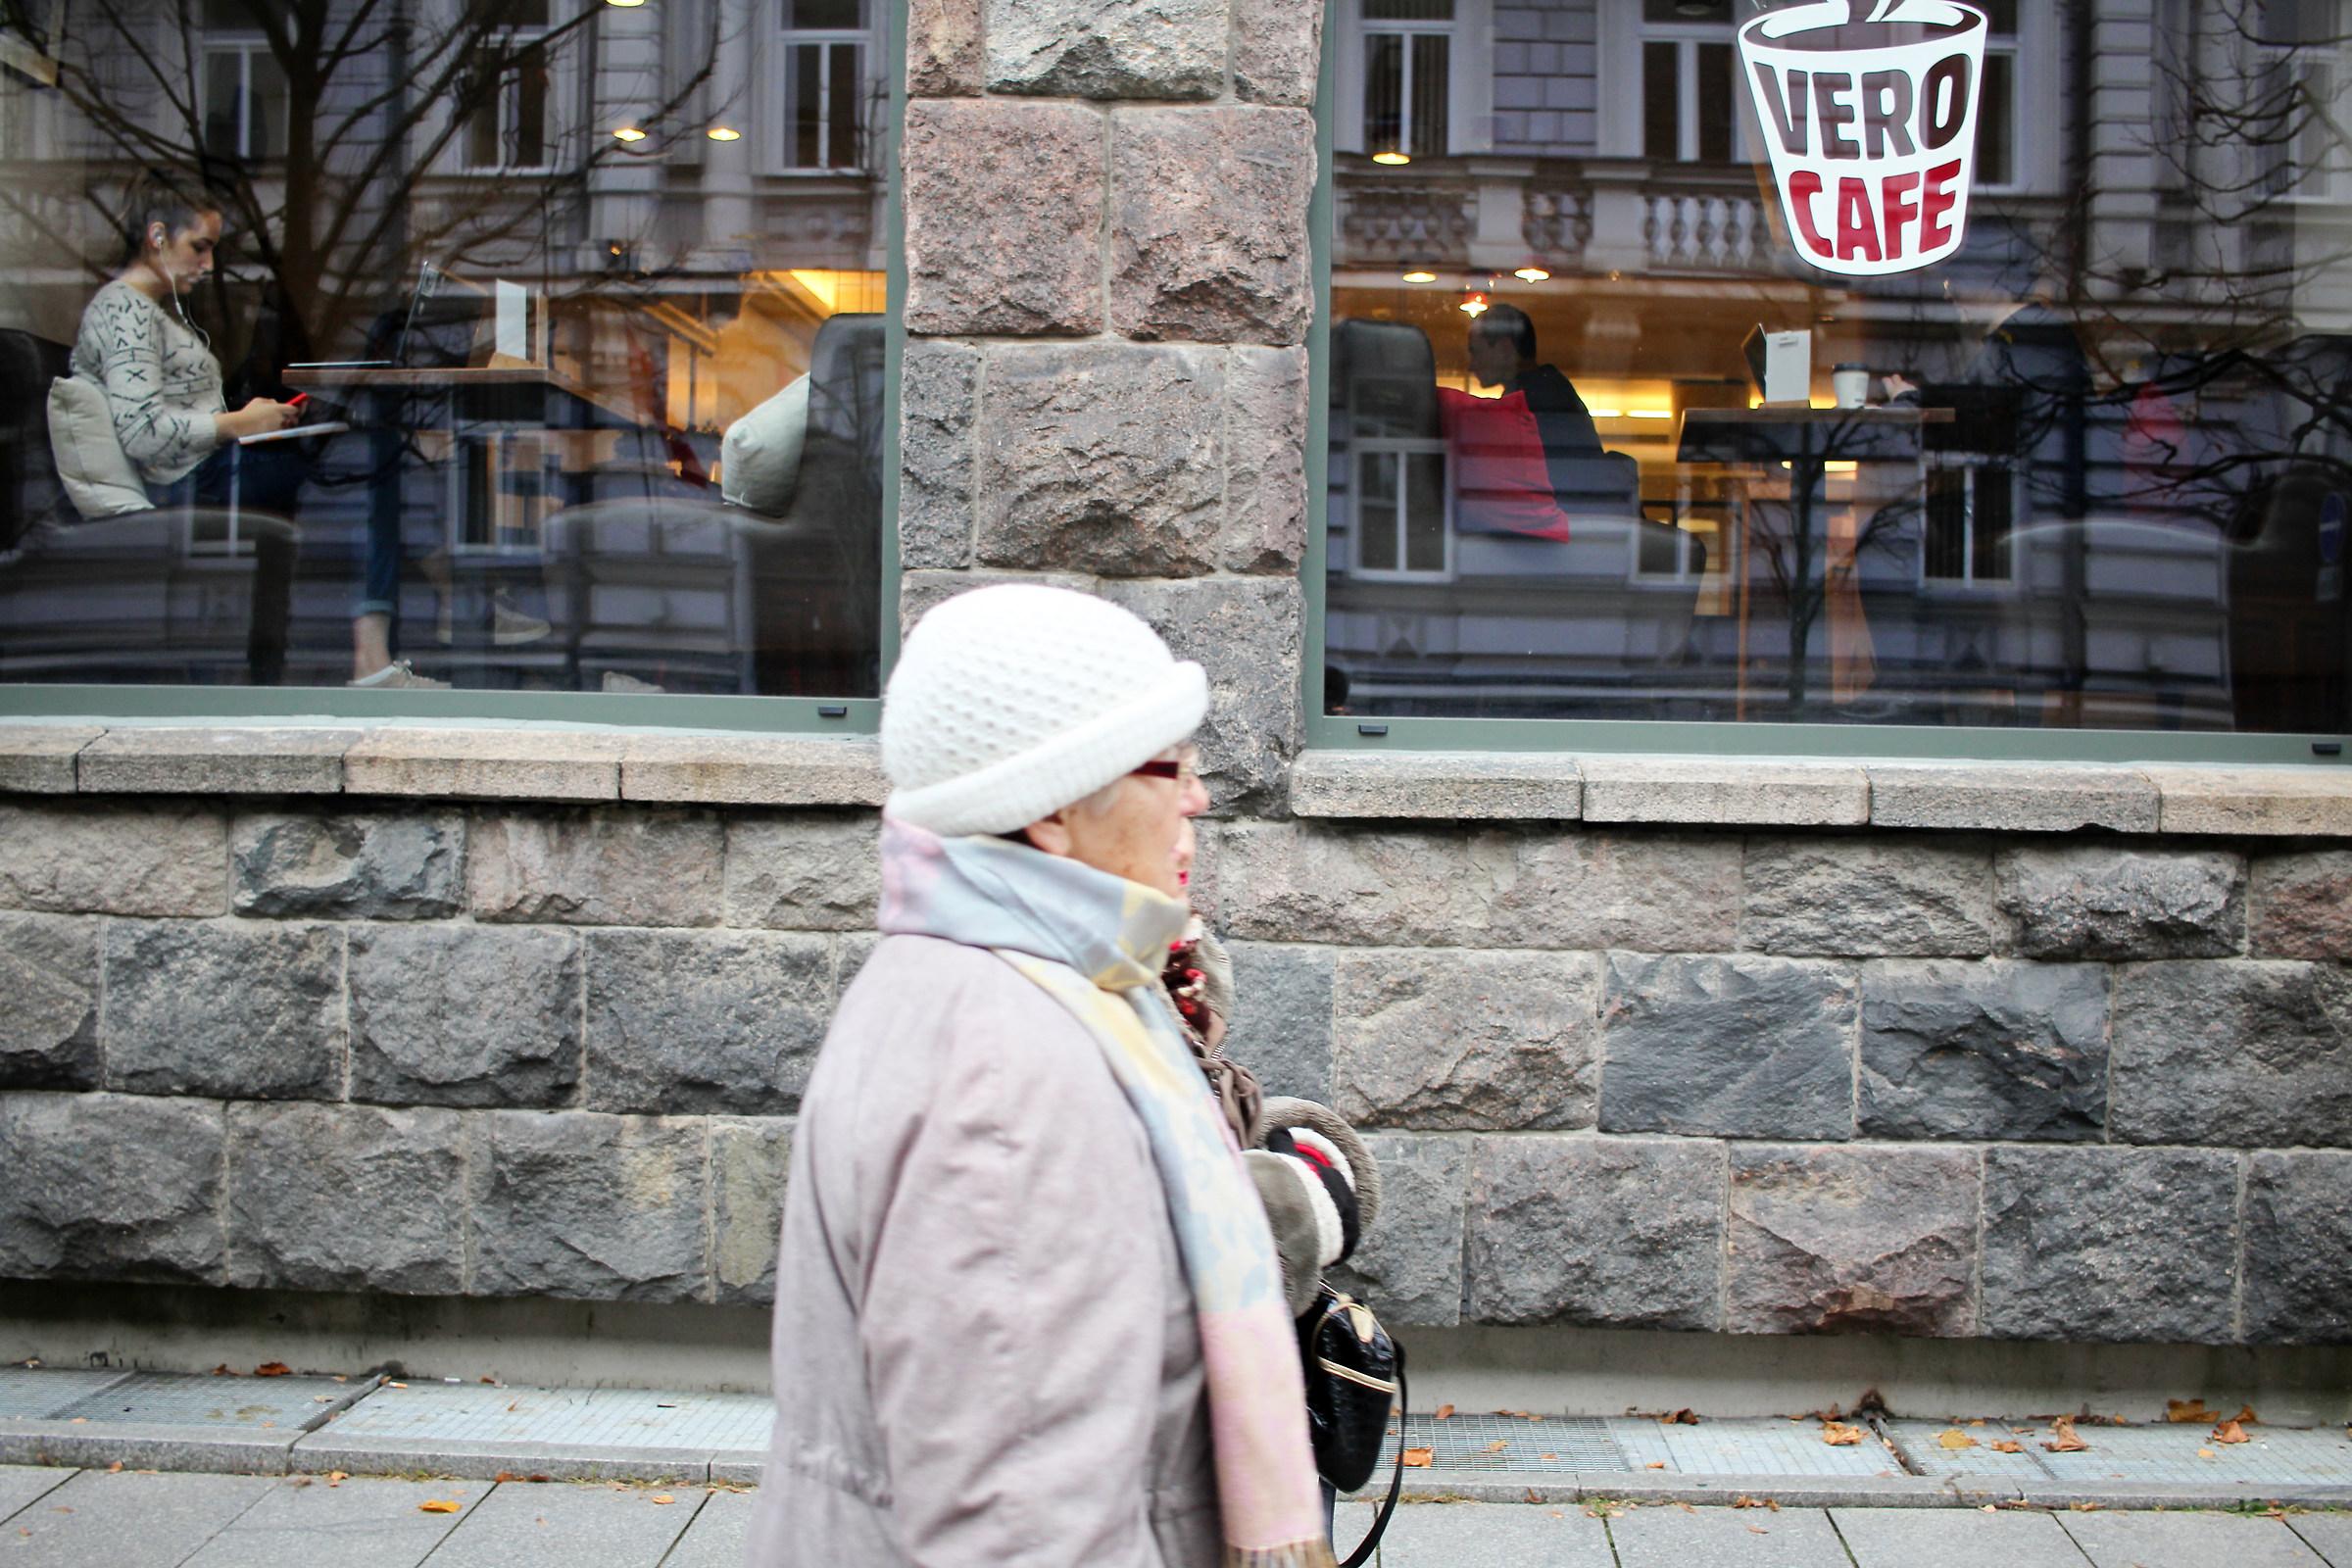 Attitudini, la giovane donna e la signora anziana...